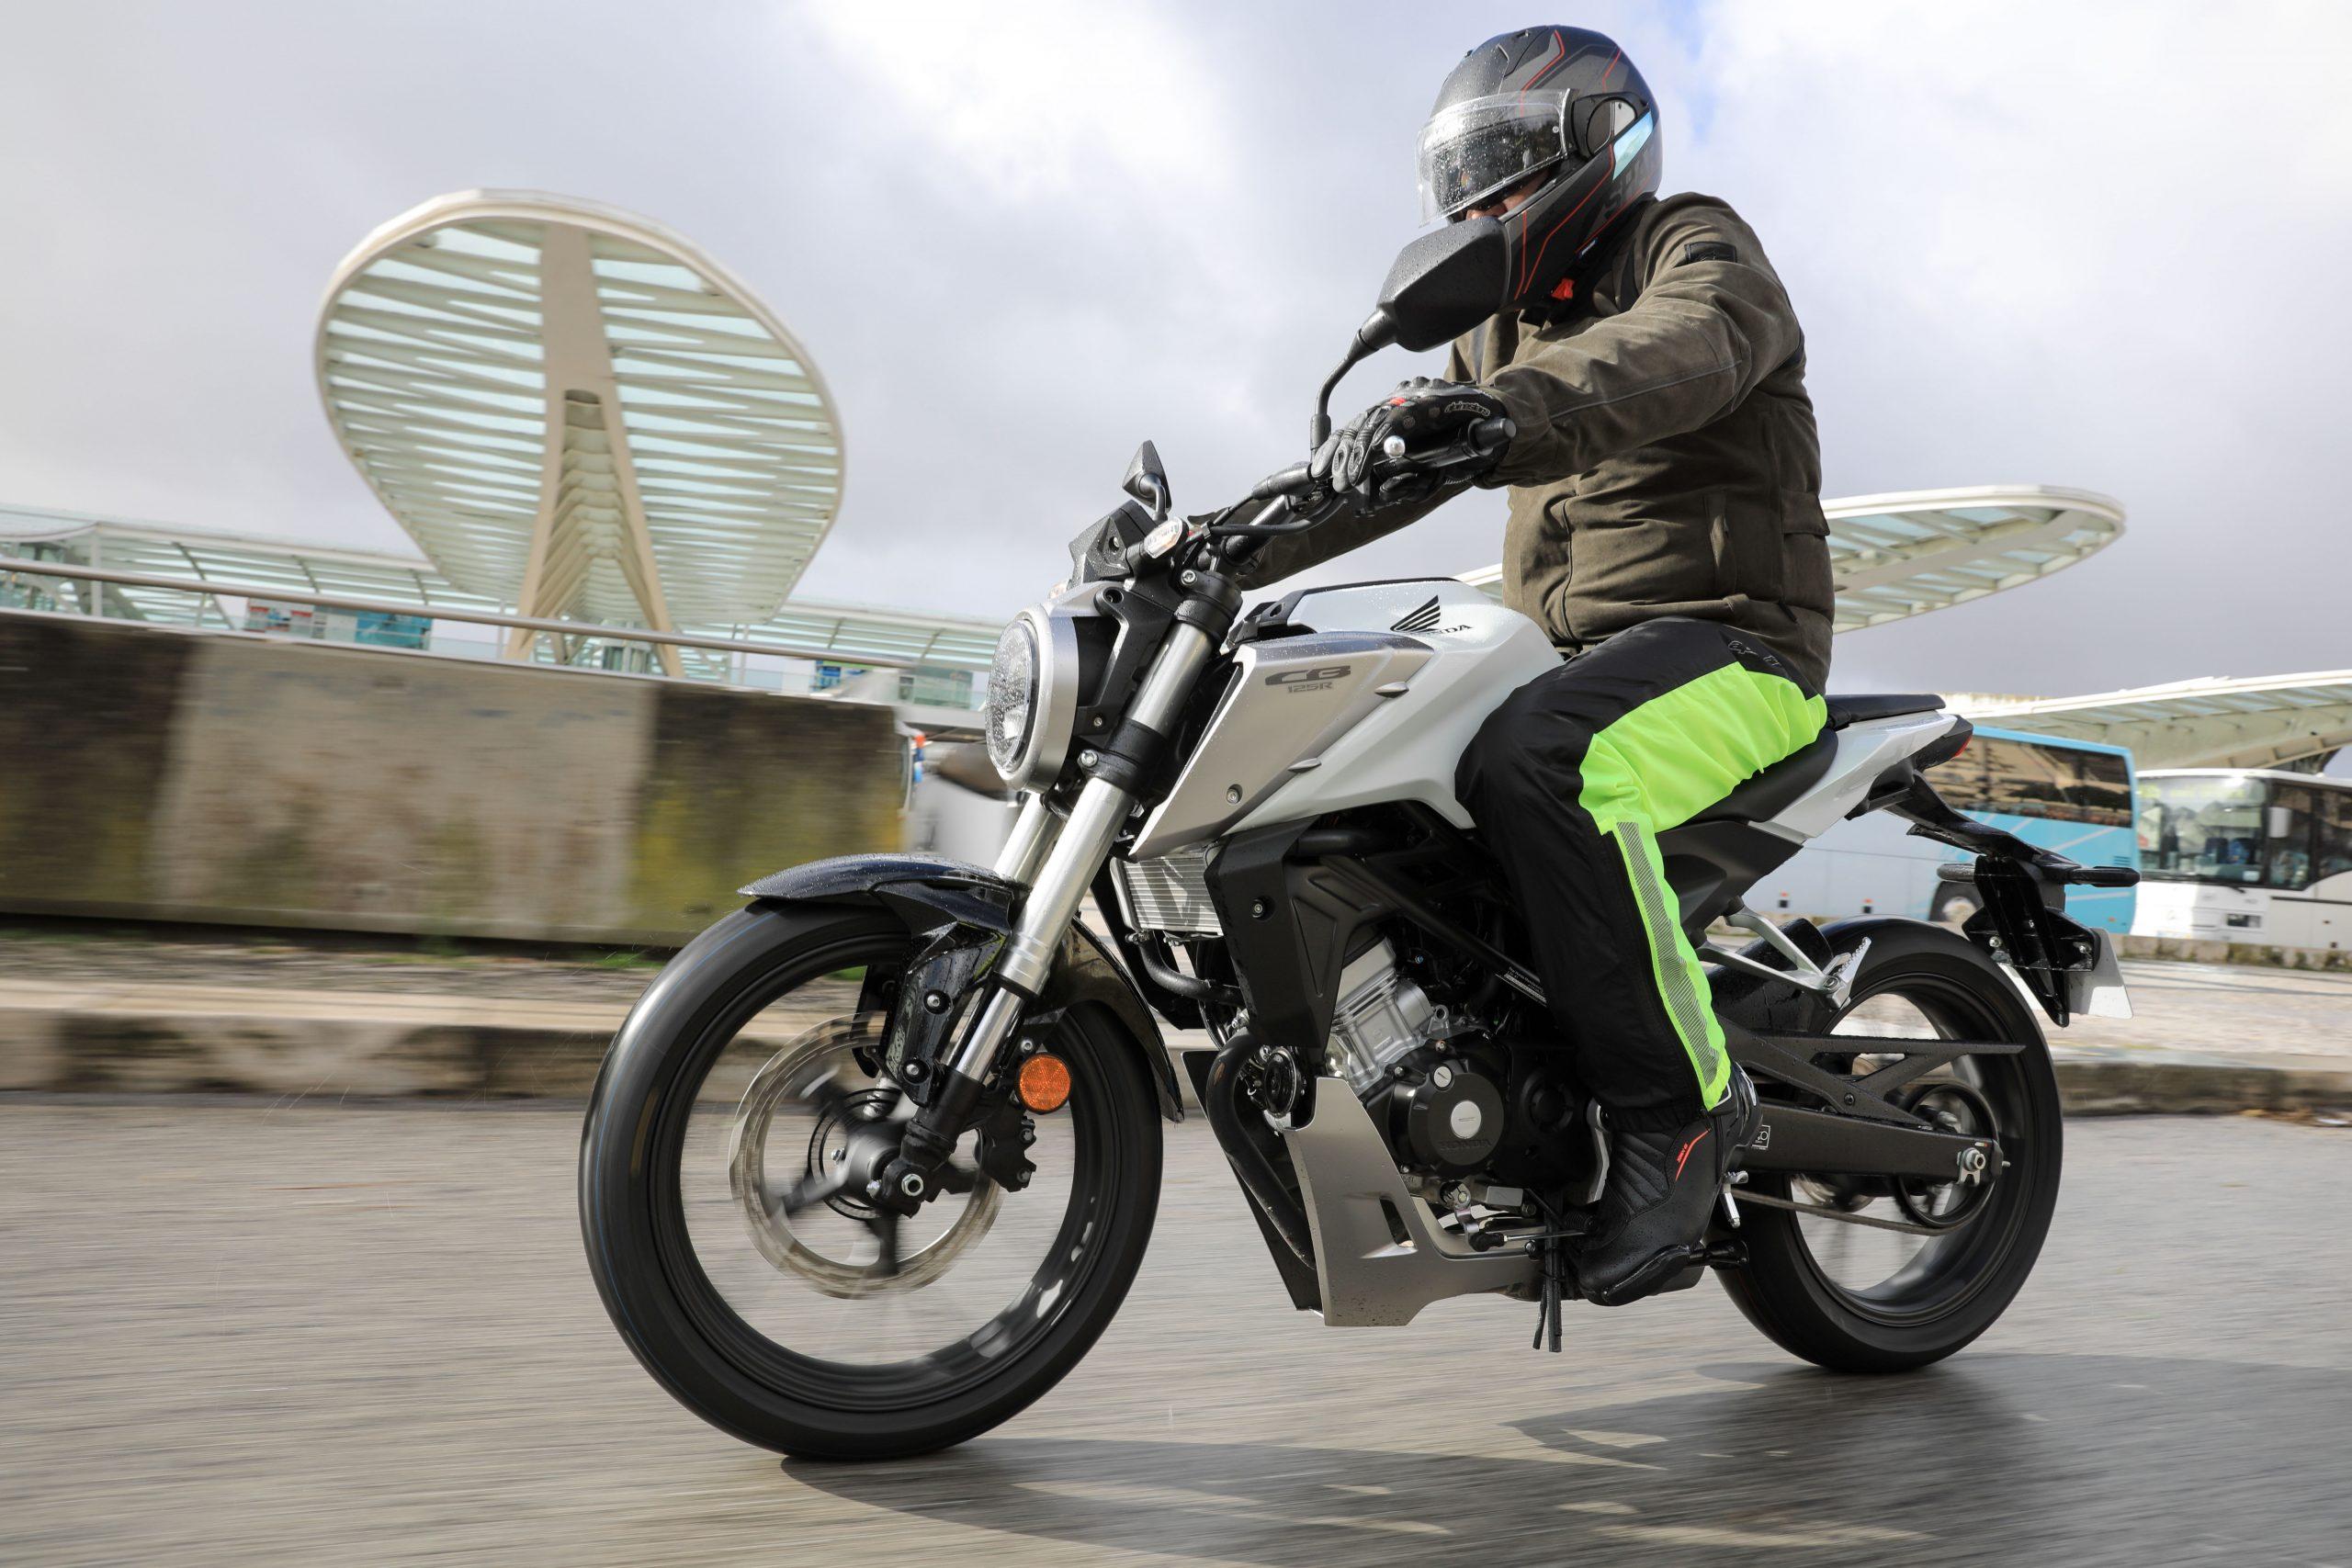 51200_Honda CB125R YM18 5000